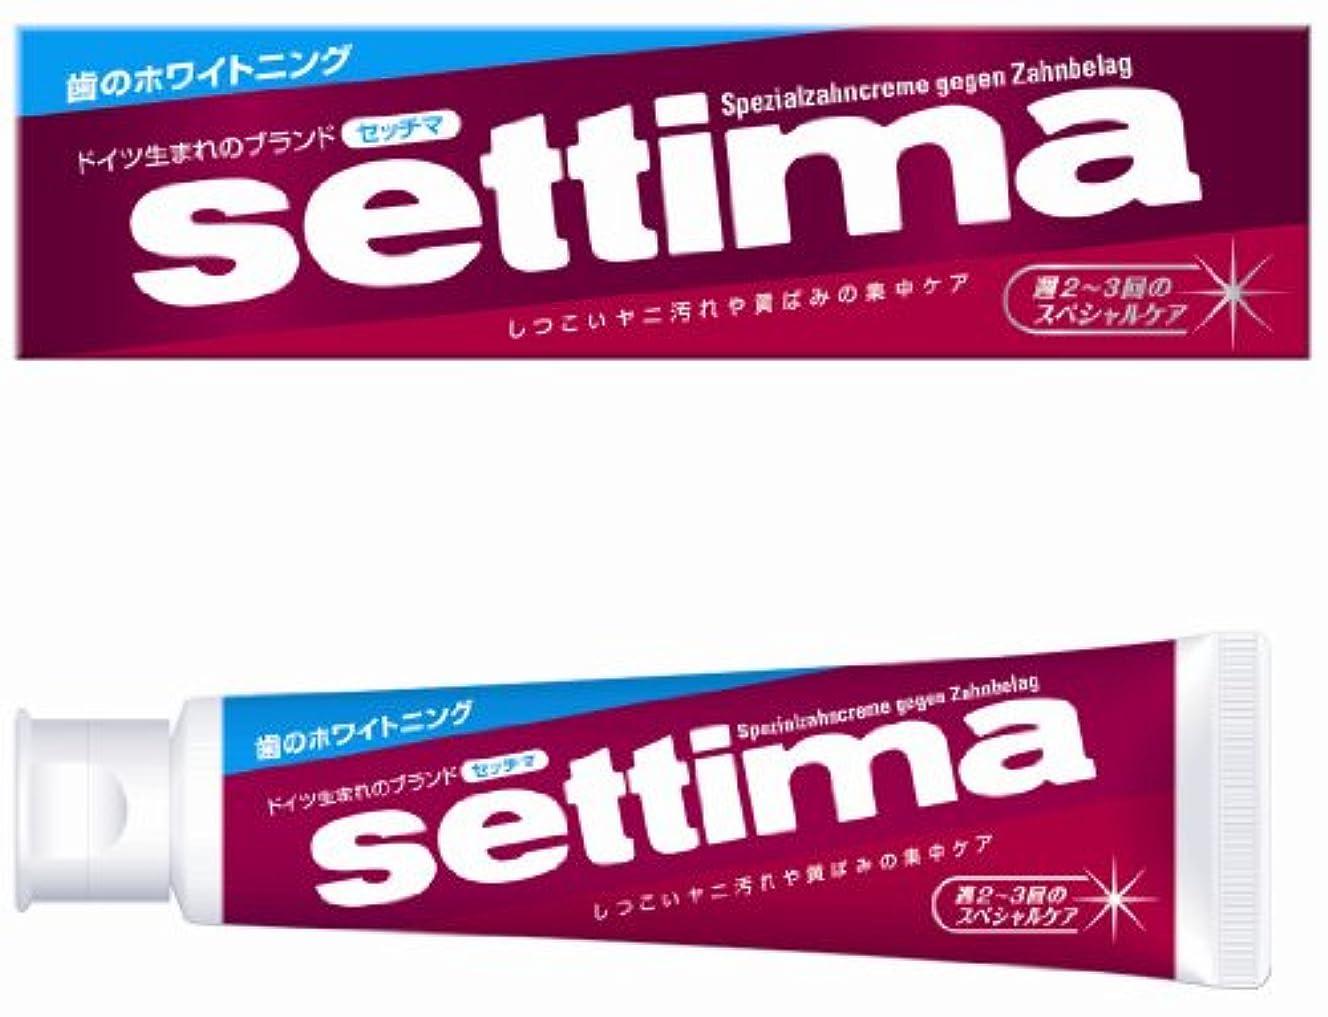 宙返りガイドライン紛争settima(セッチマ) はみがき スペシャル (箱タイプ) 120g